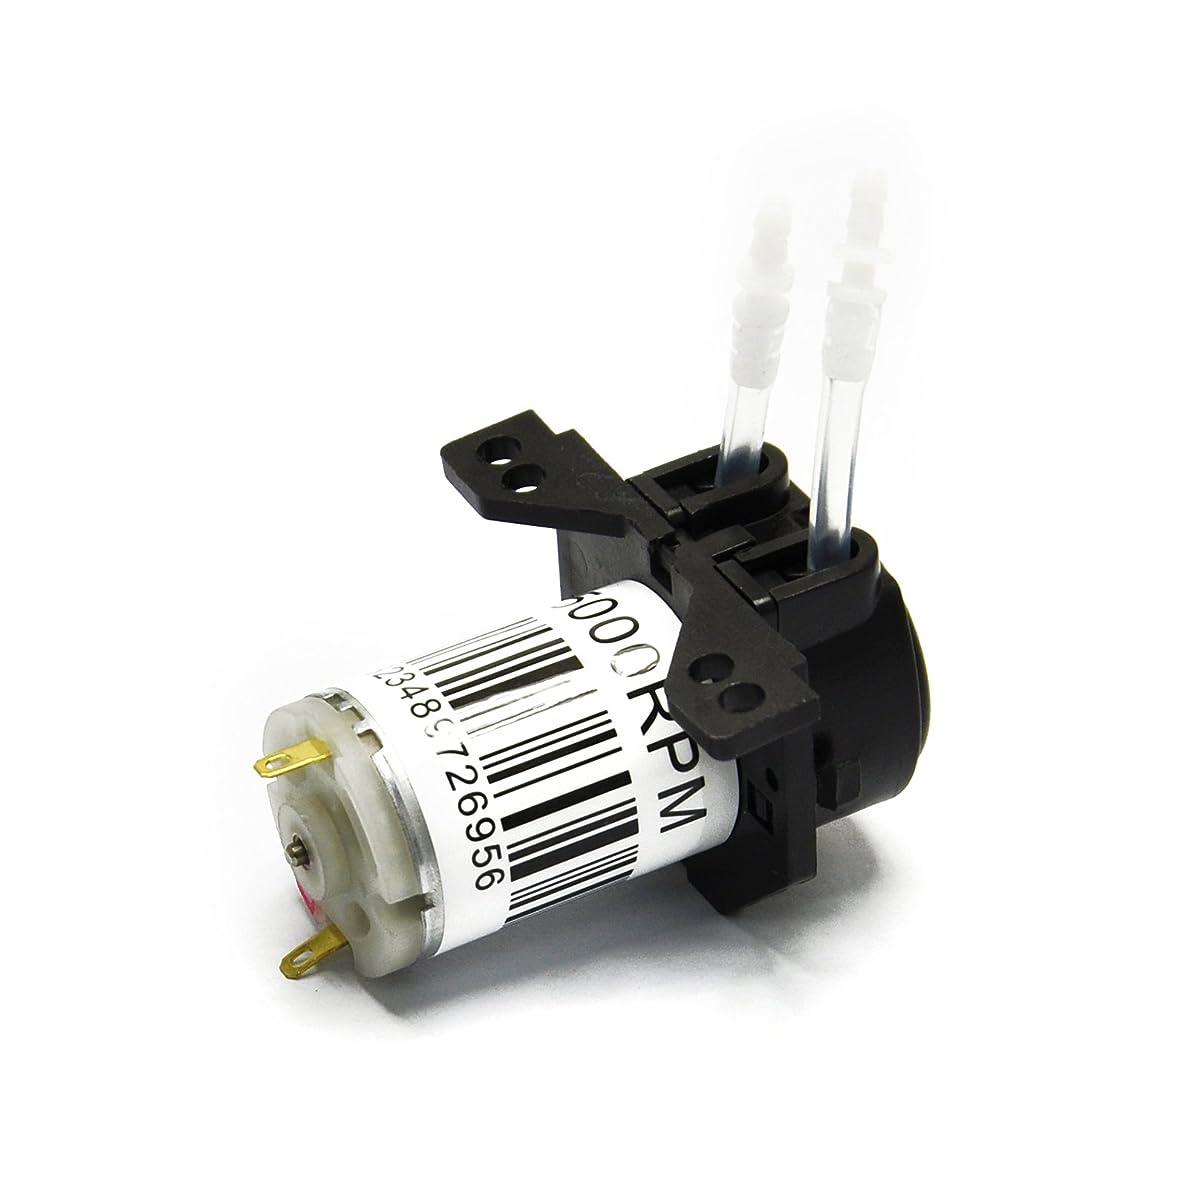 満足タービン誰でもGikfun 12V DC Dosing Pump Peristaltic Dosing Head with Connector For Arduino Aquarium Lab Analytic Diy AE1207